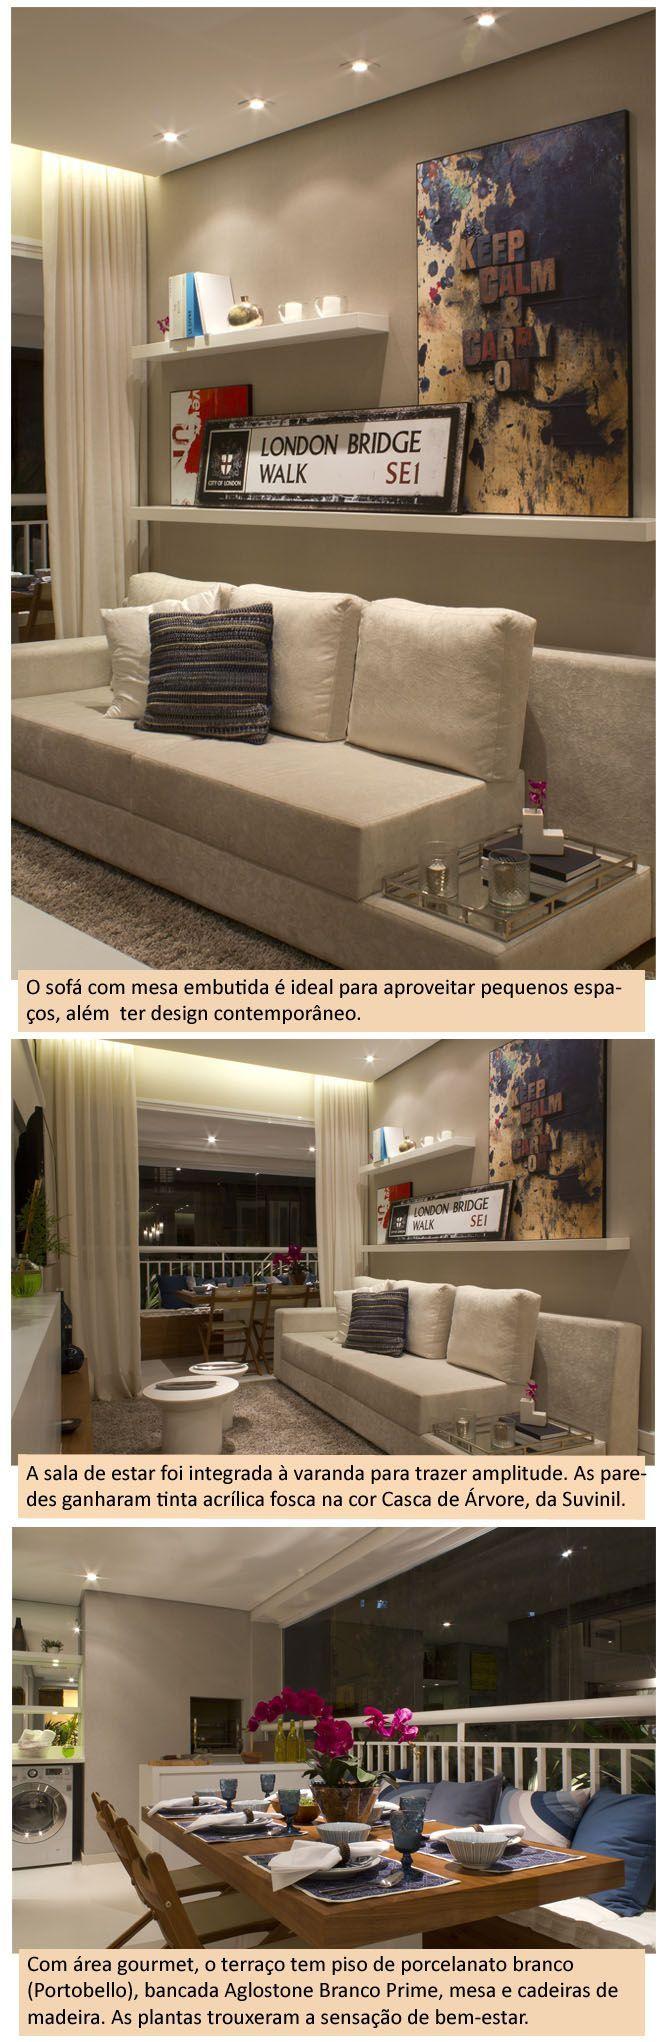 Tinta, luz cortineiro, spots, prateleiras clean Daniella e Priscilla de Barros: